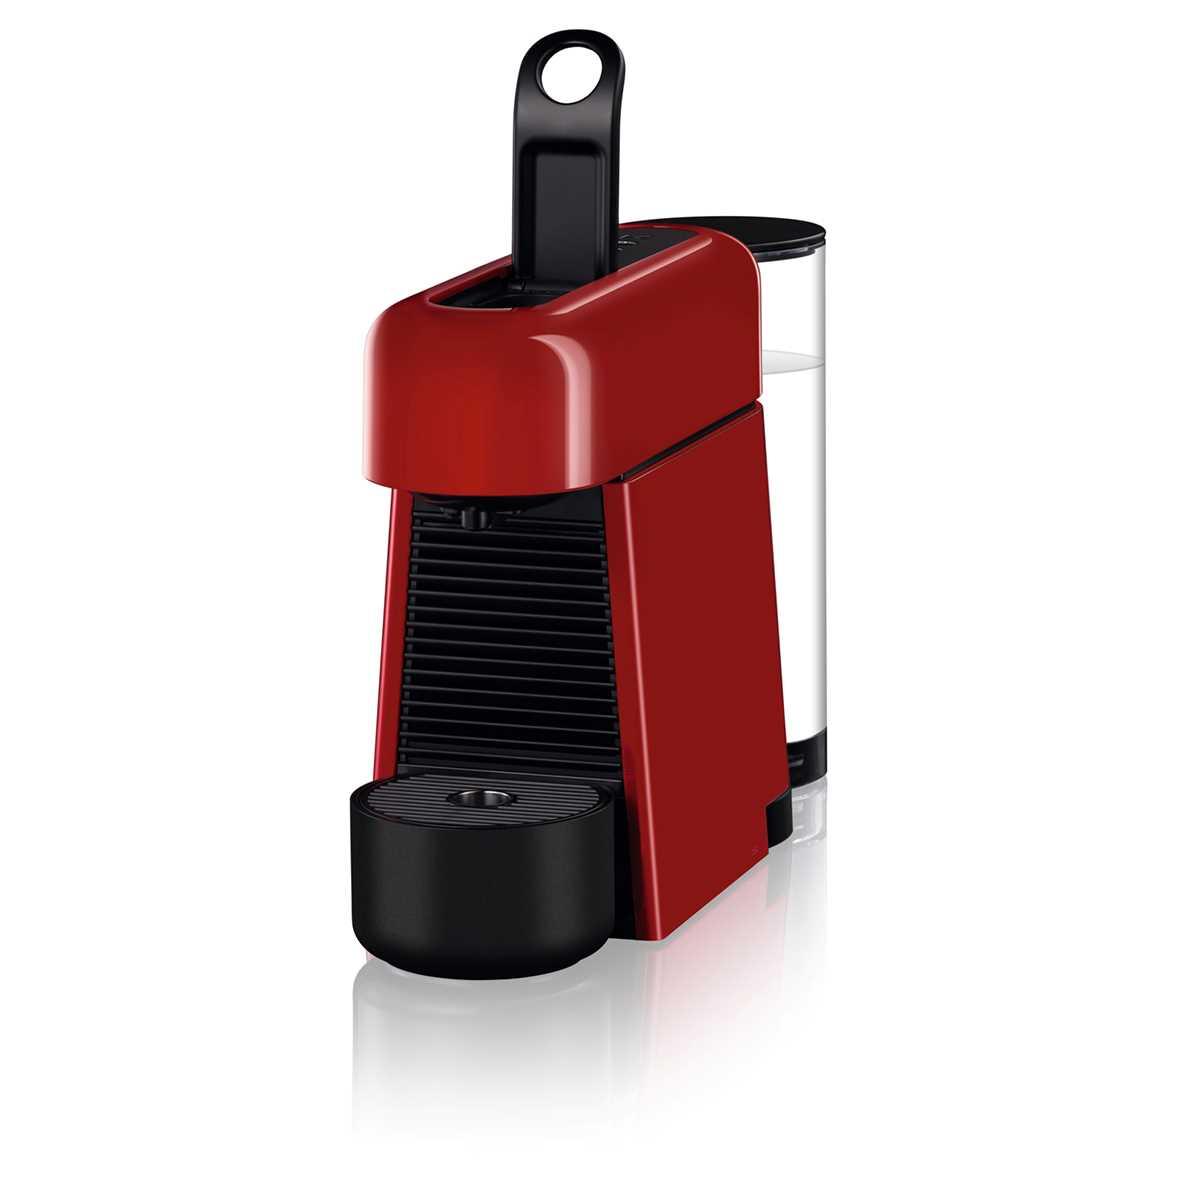 מכונת אספרסו Nespresso Essenza D45 Plus נספרסו - צבע אדום - תמונה 4